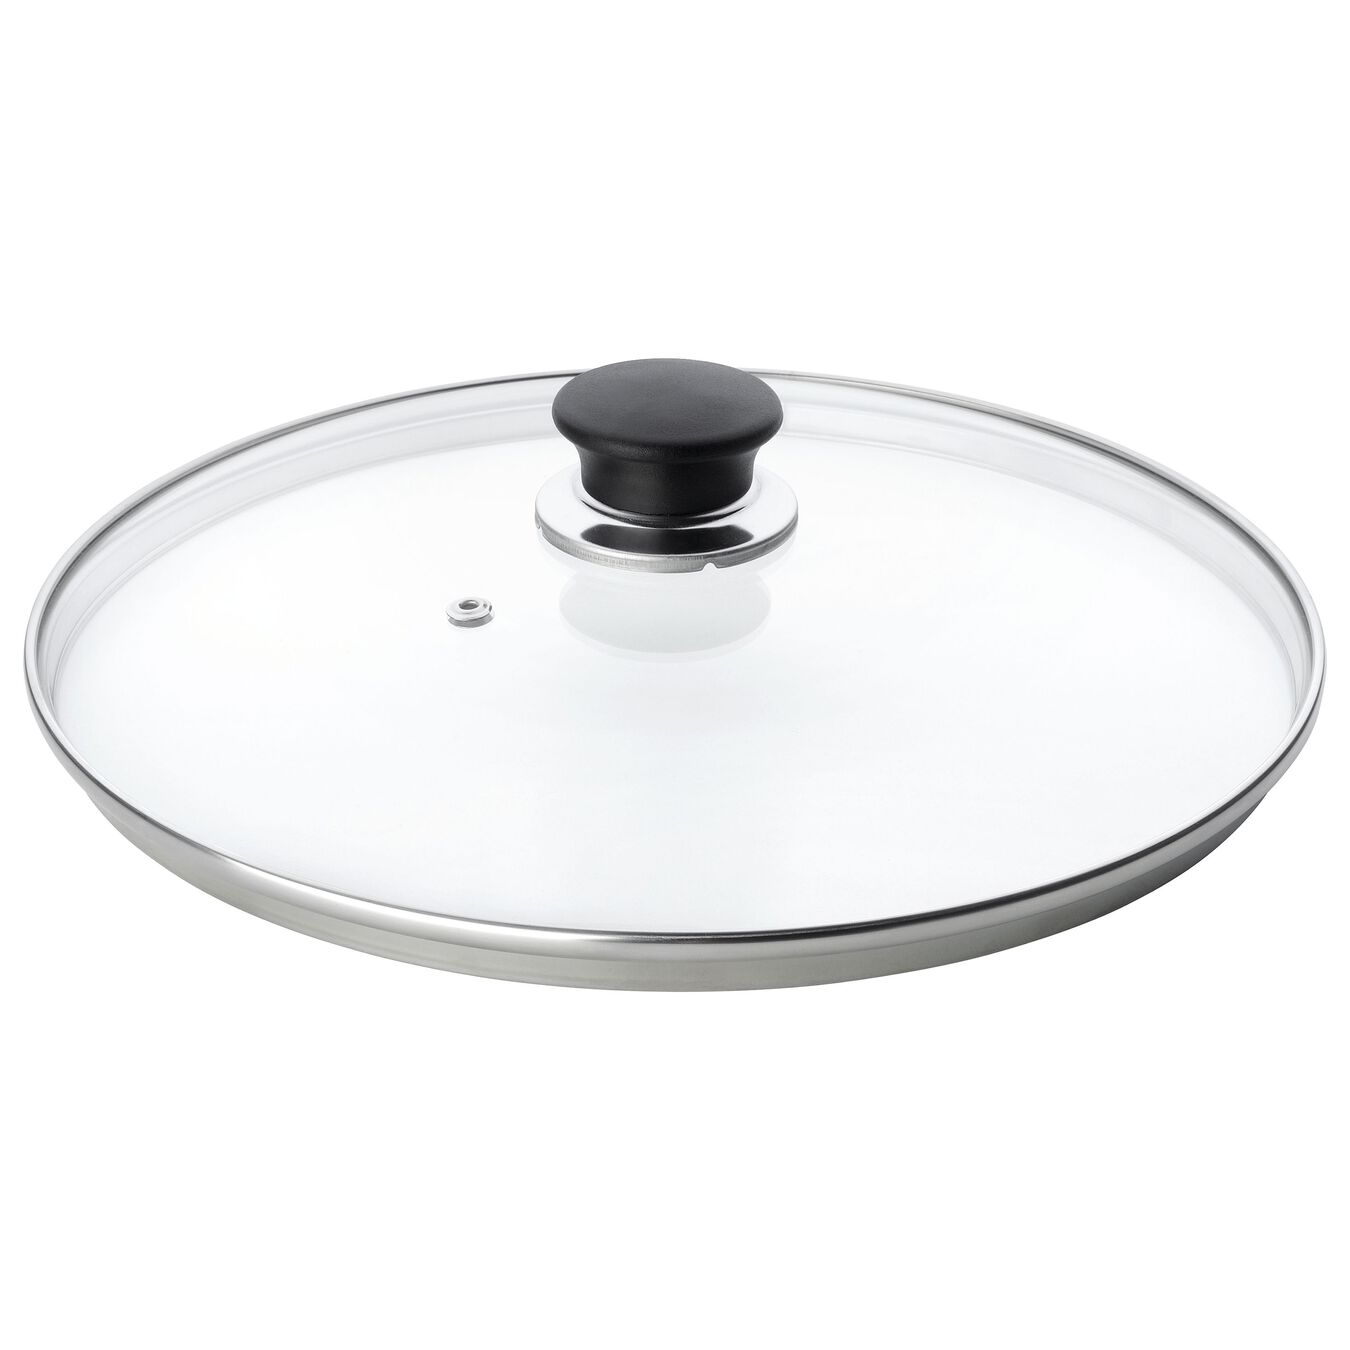 Deckel, 24 cm | rund | Glas,,large 1